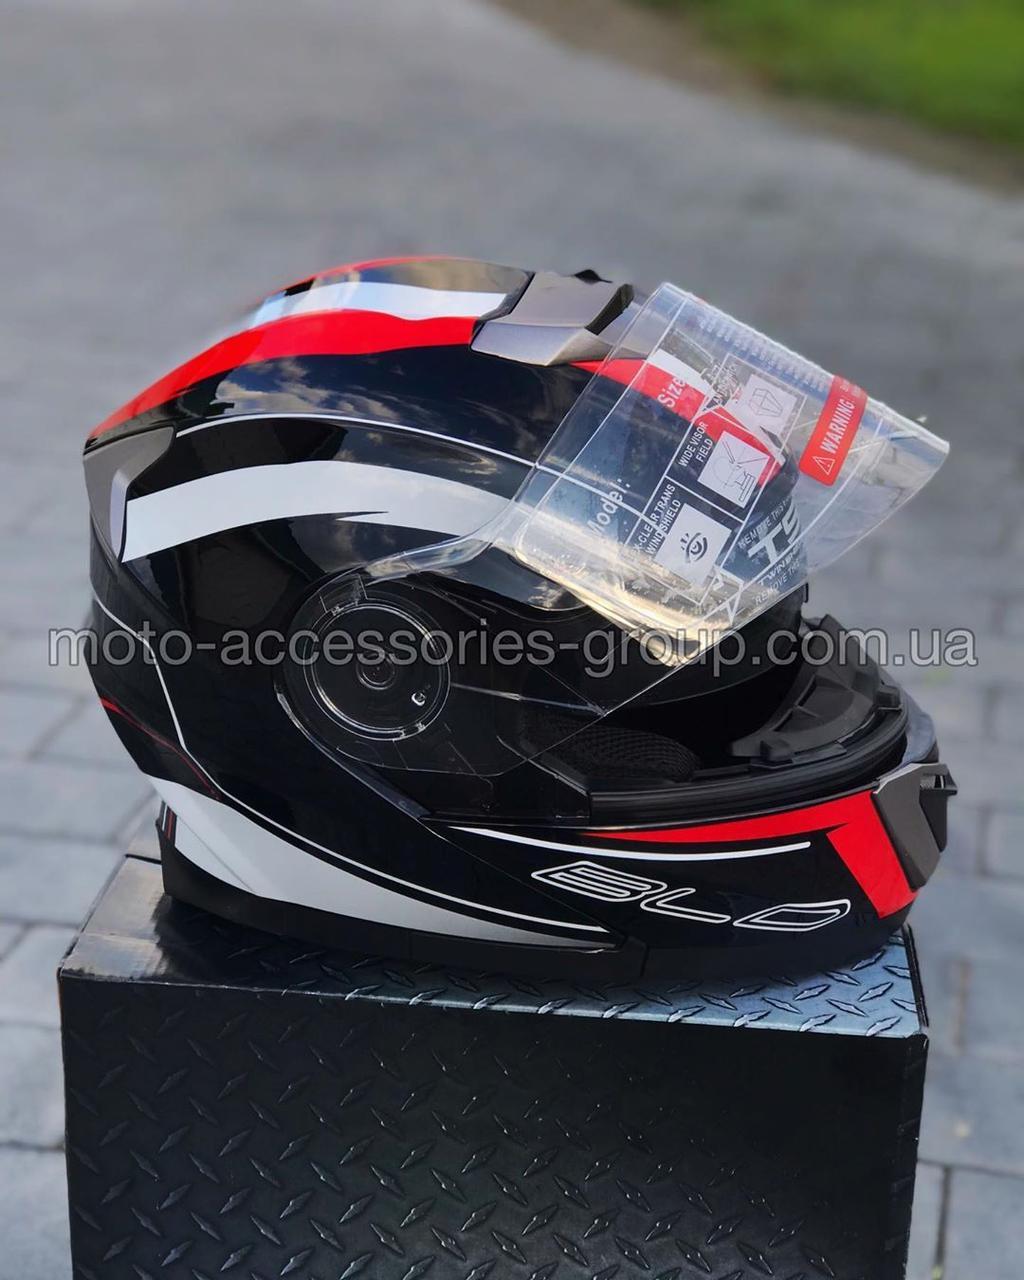 Шлем модуляр закрытый с откидным подбородком+очки BLD-160 ЧЕРНЫЙ с рисунком красно-белым